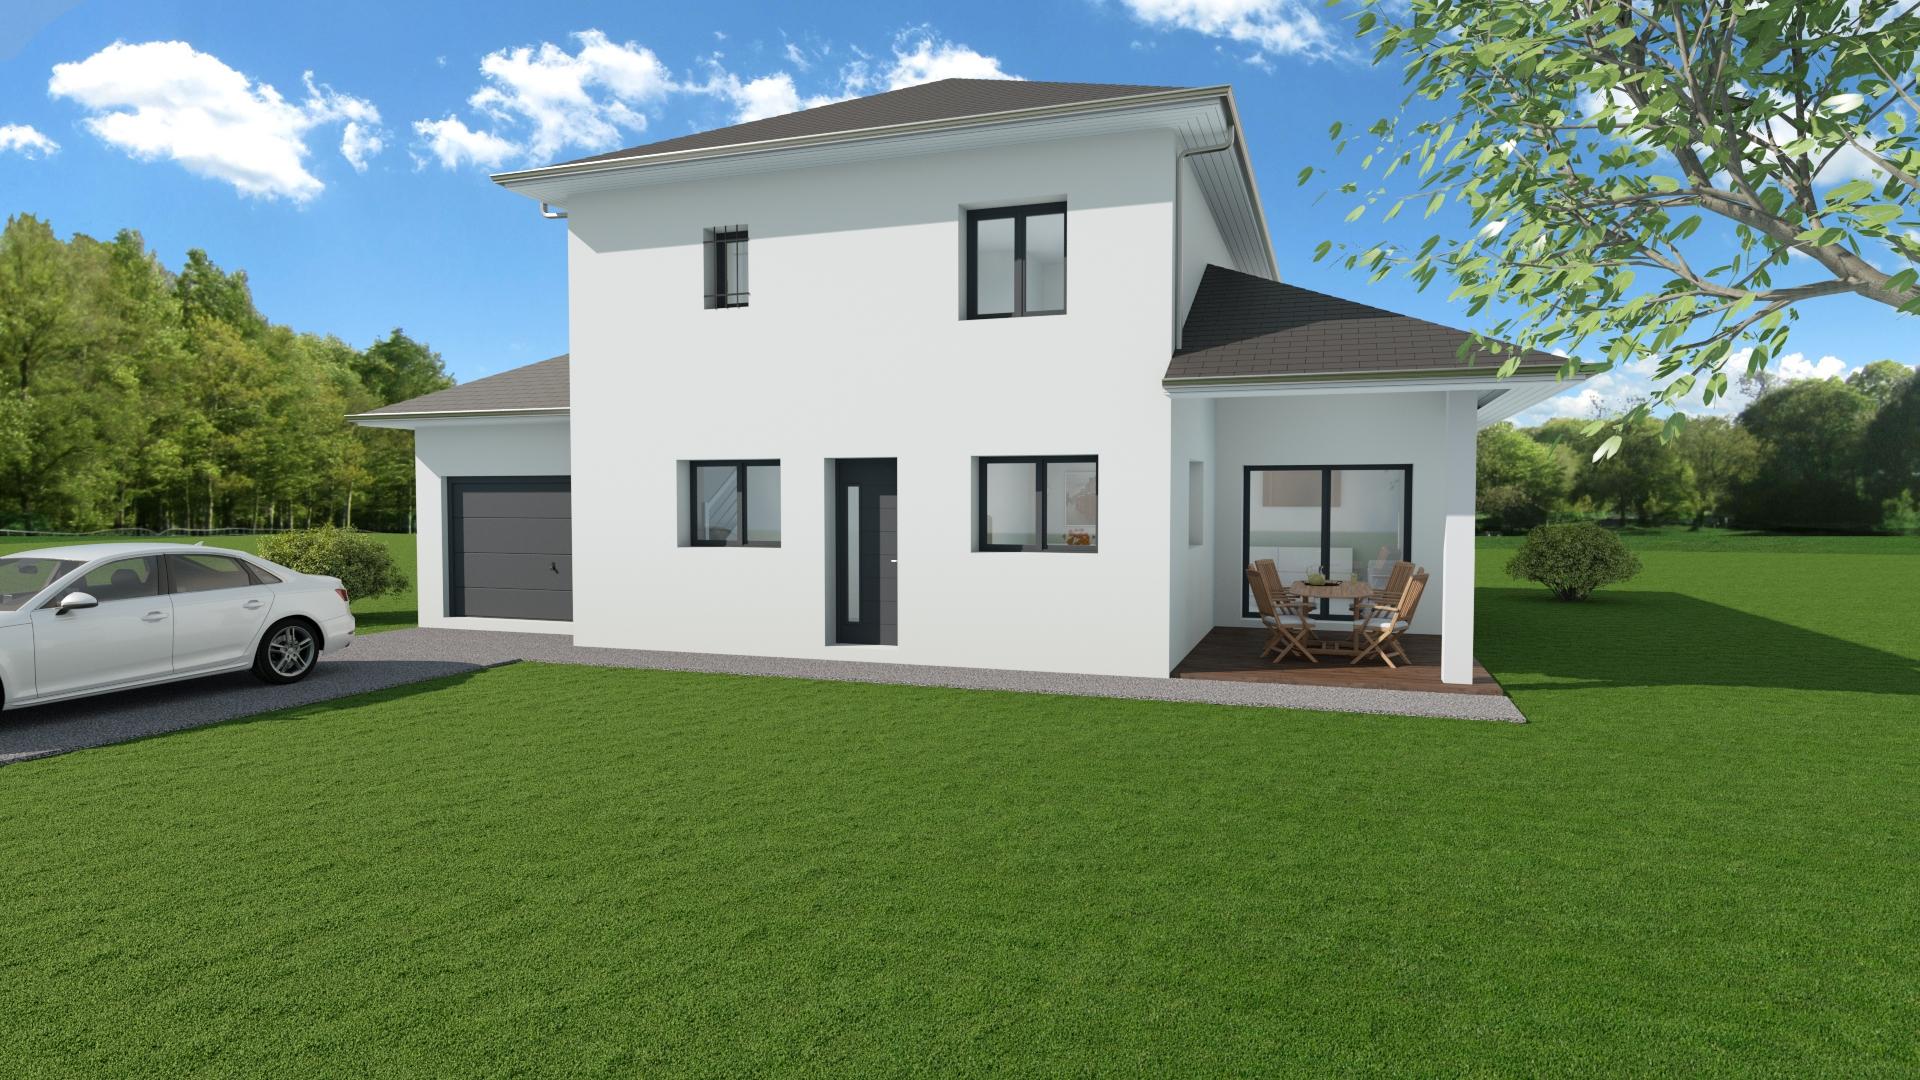 Maisons du constructeur MODULHABITAT - ANNECY • 110 m² • BONNEVILLE